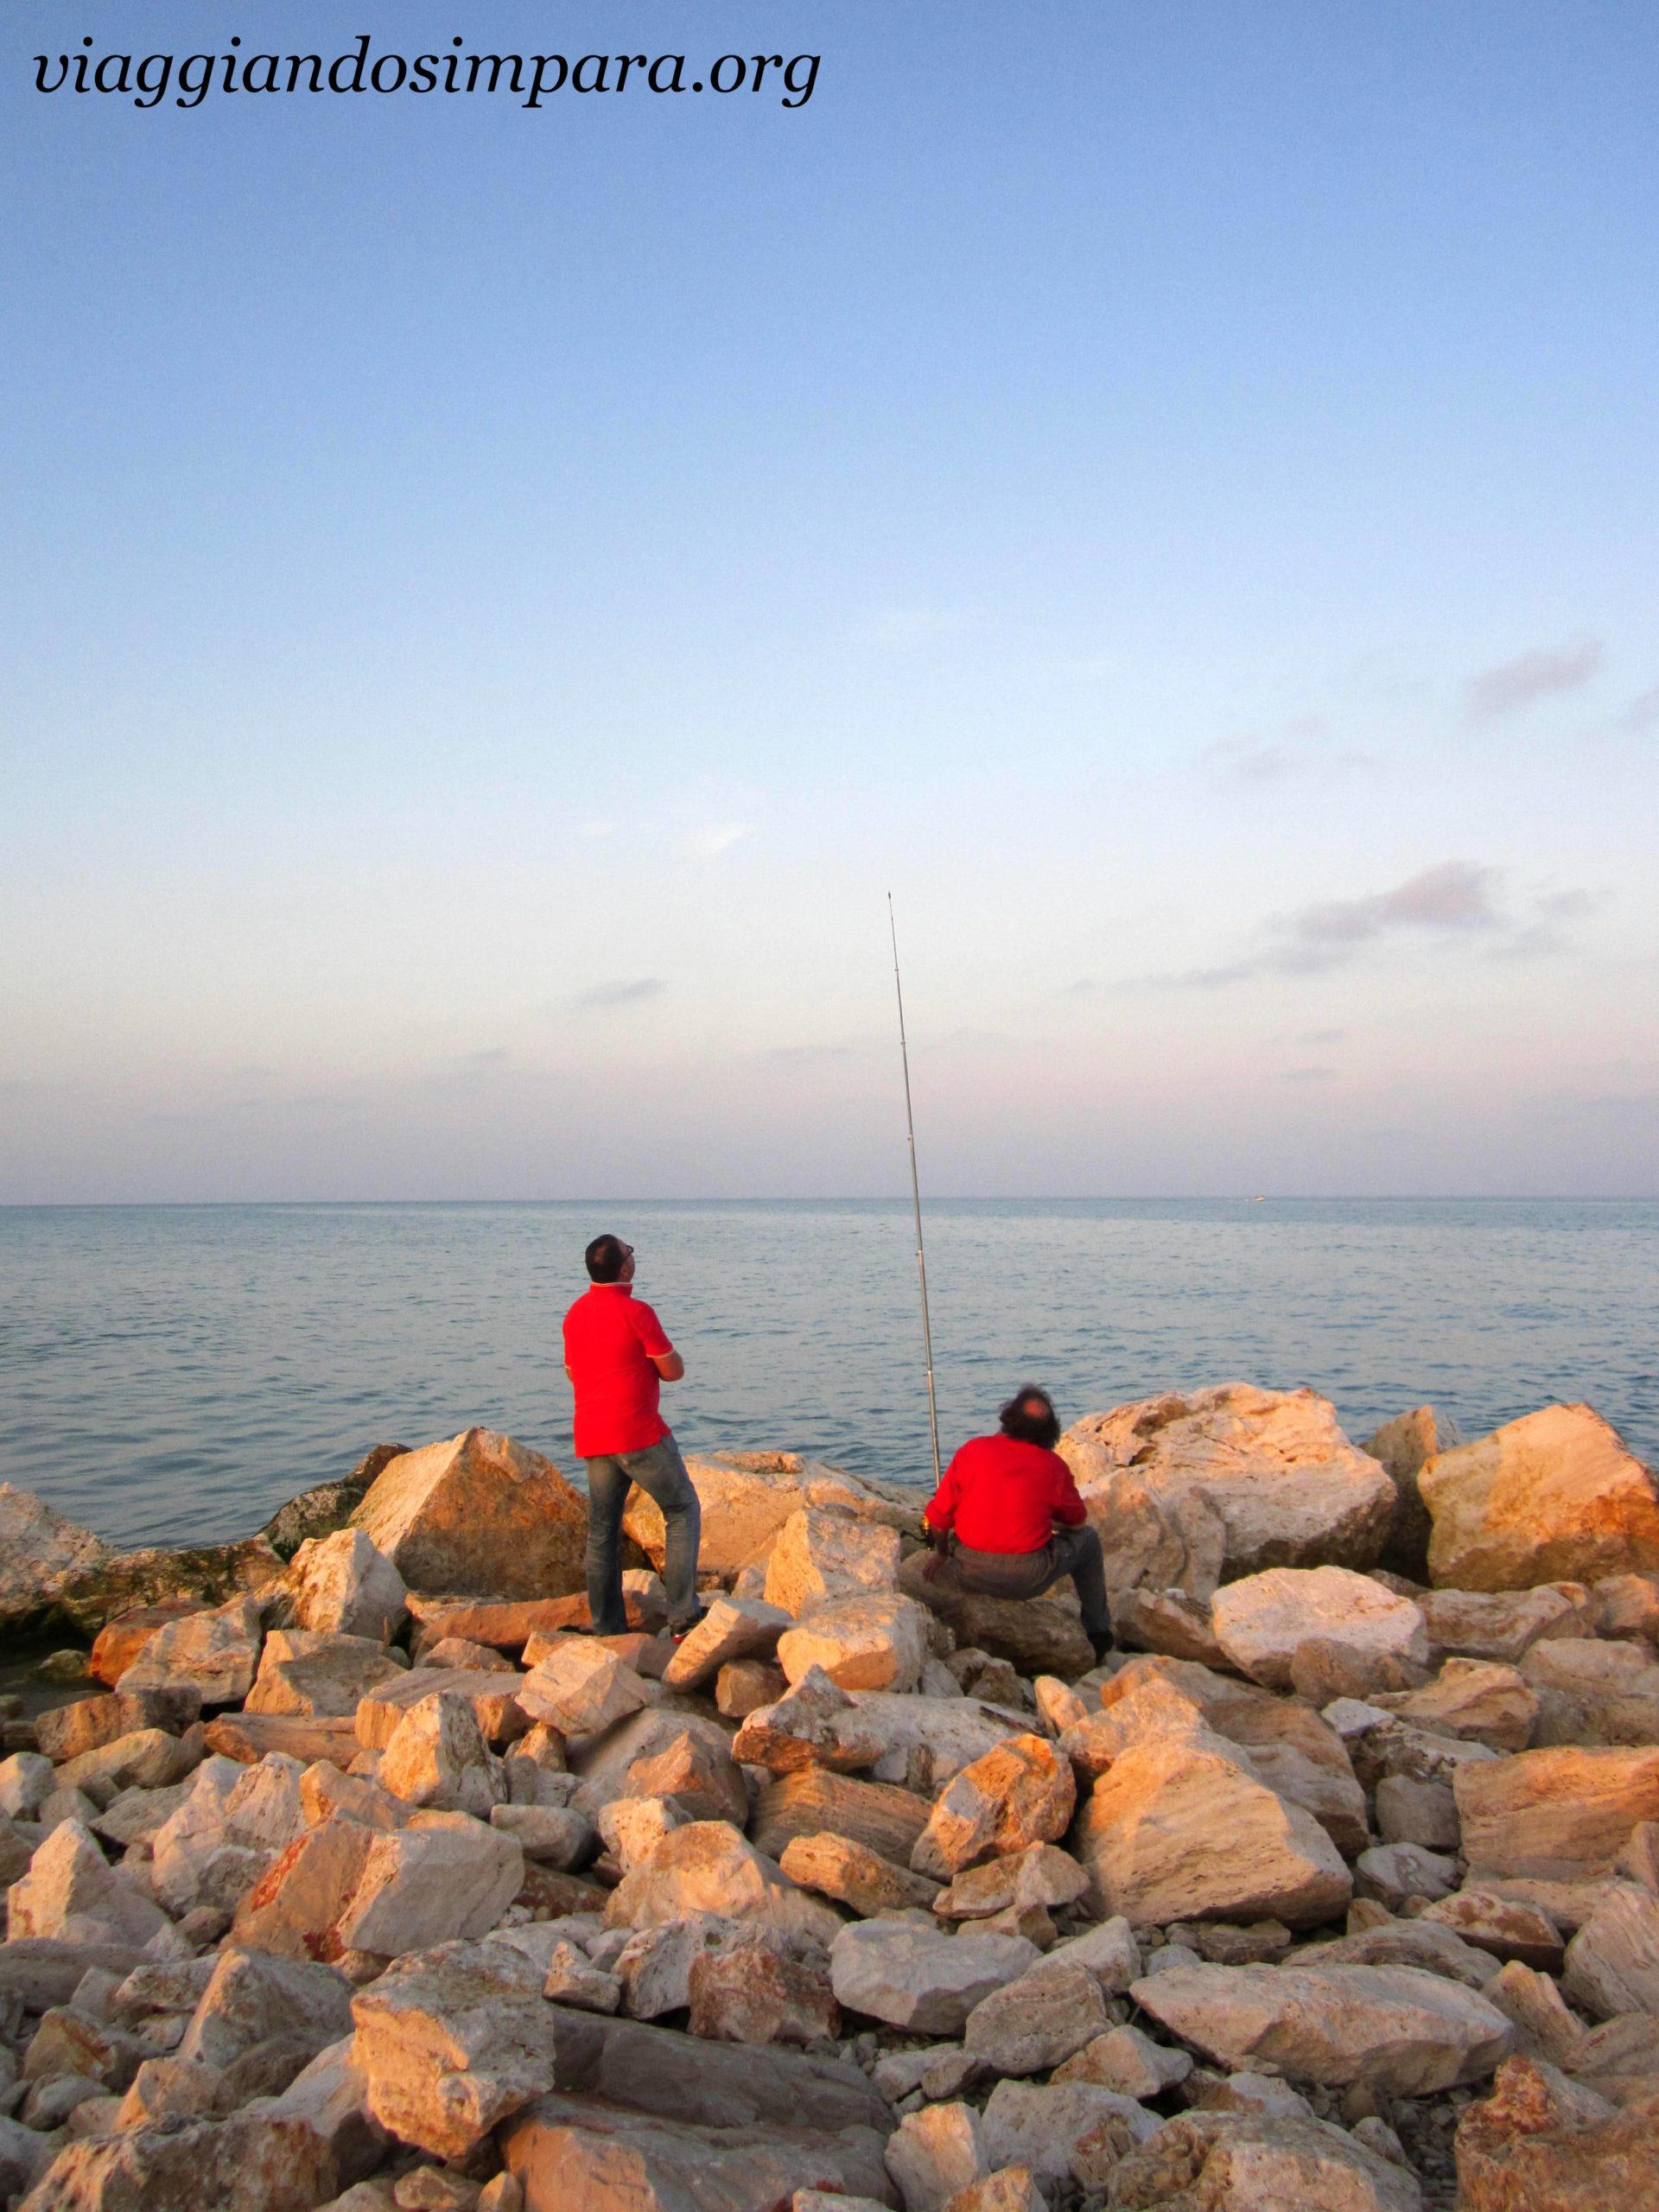 Pedaso, pescatori all'opera sul lungomare